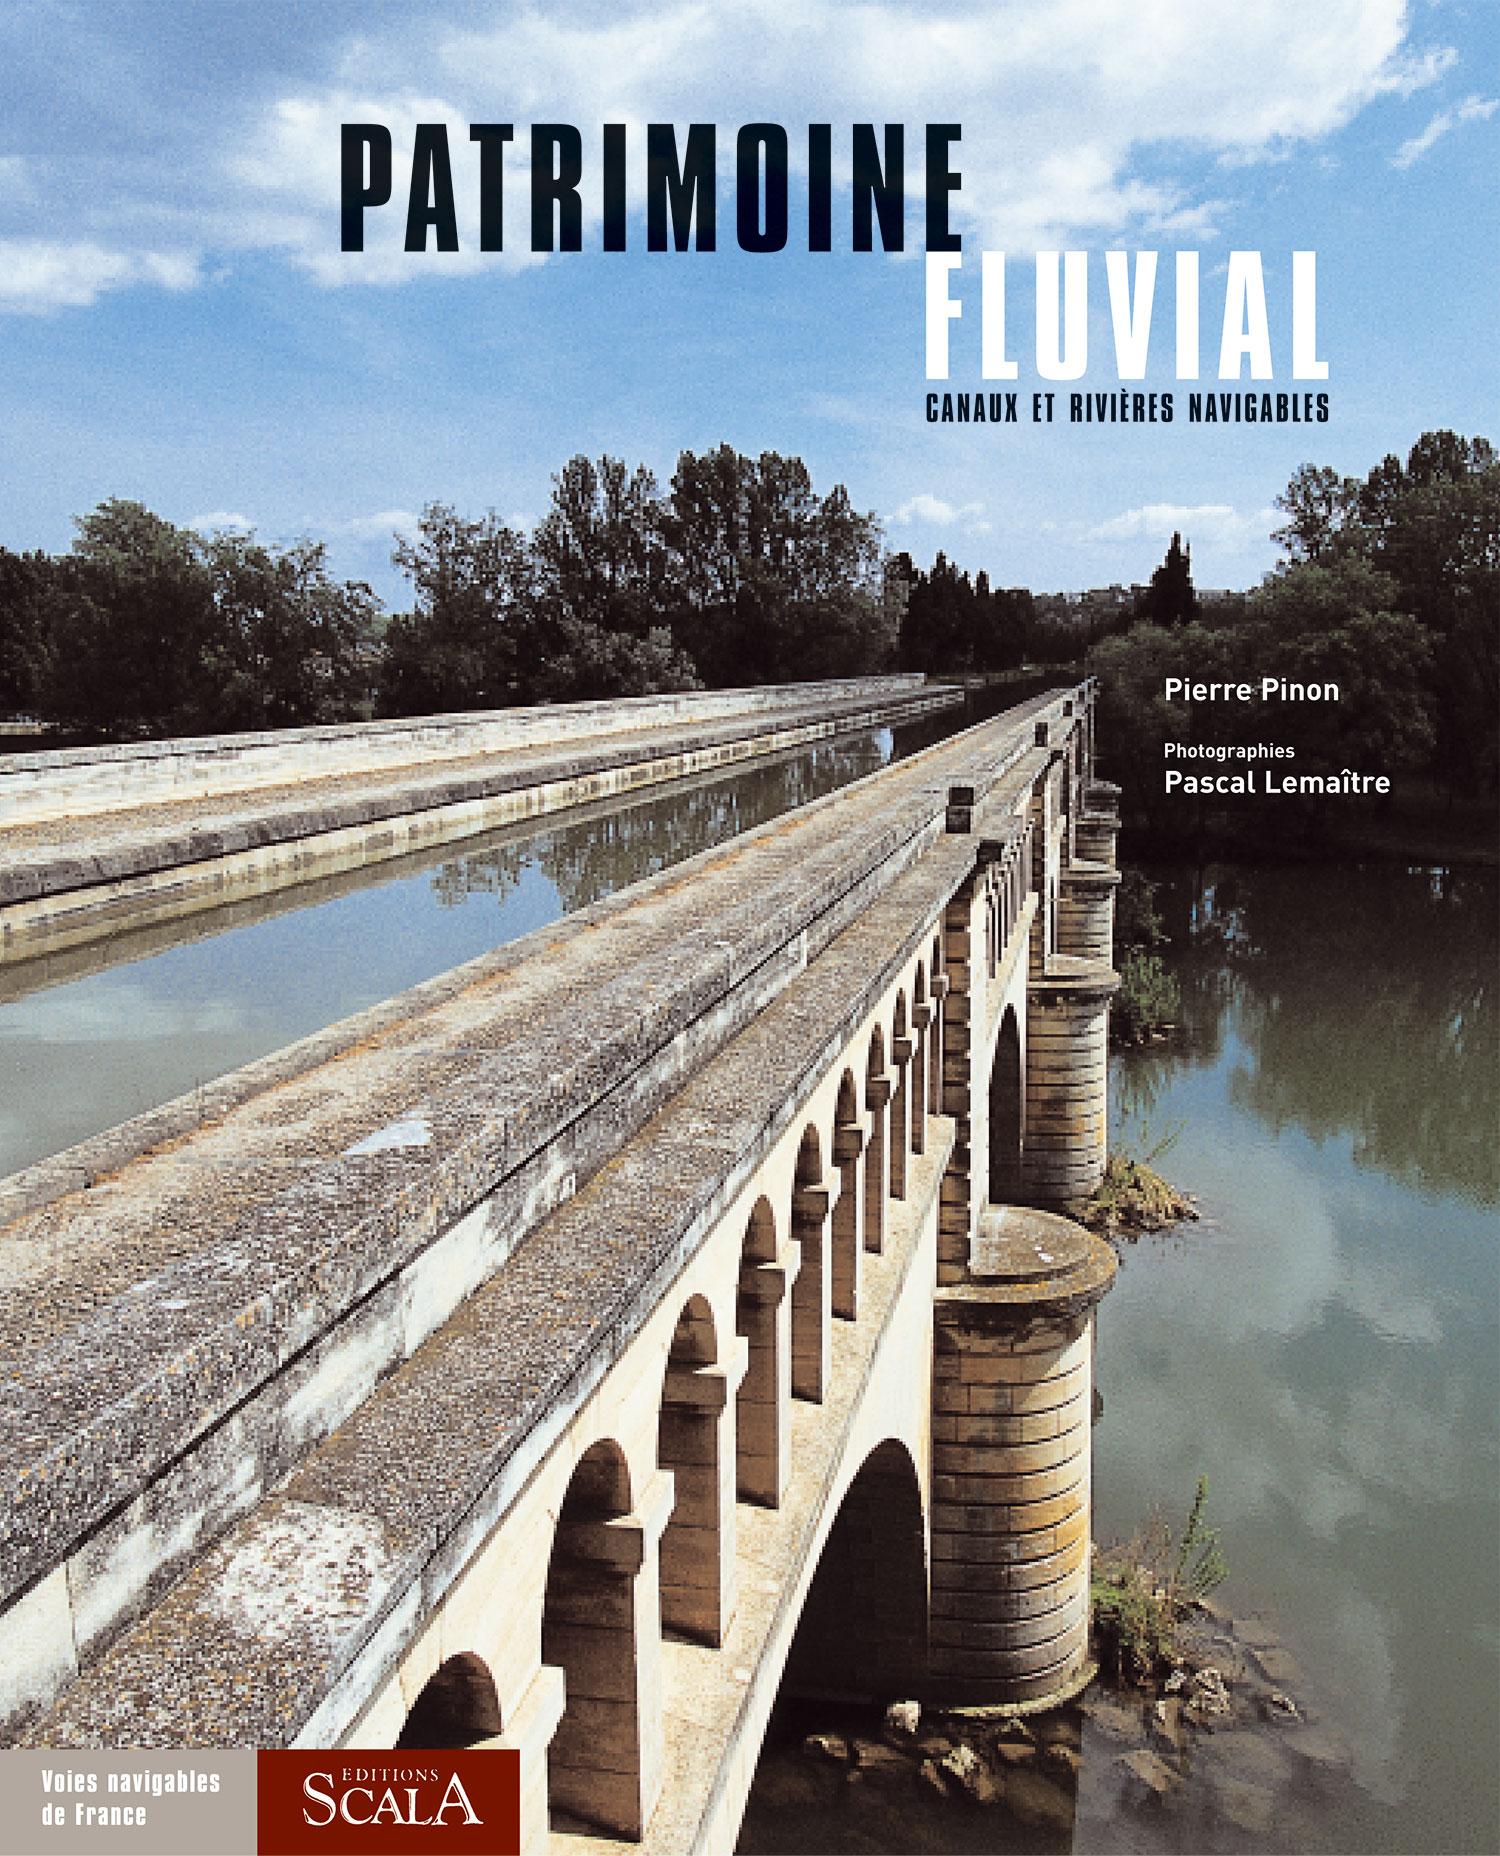 Patrimoine fluvial (Canaux et rivières navigables) Collection « Patrimoine » Éditions Scala